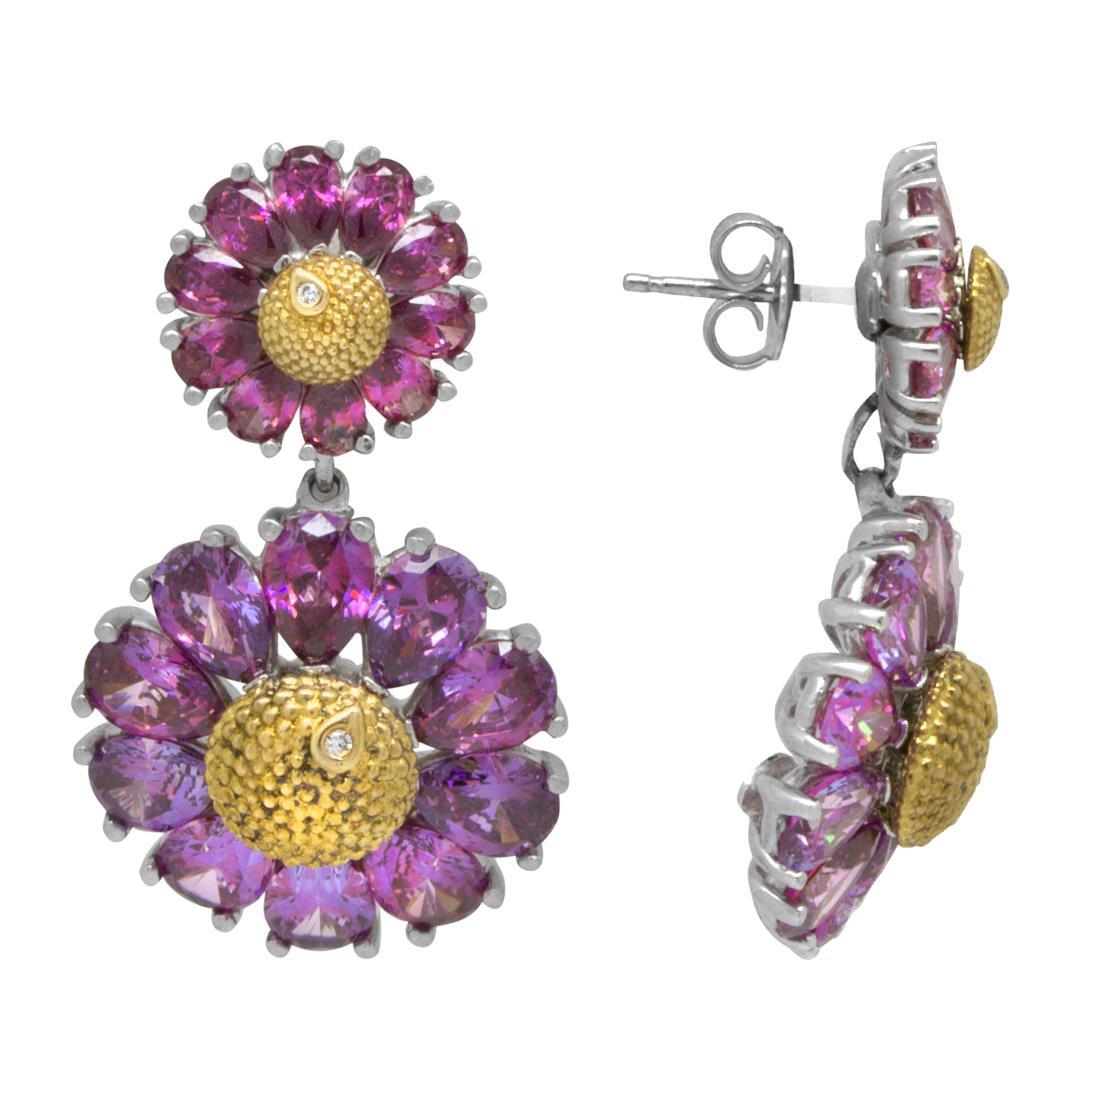 Orecchini in argento design fiore - ROBERTO DEMEGLIO